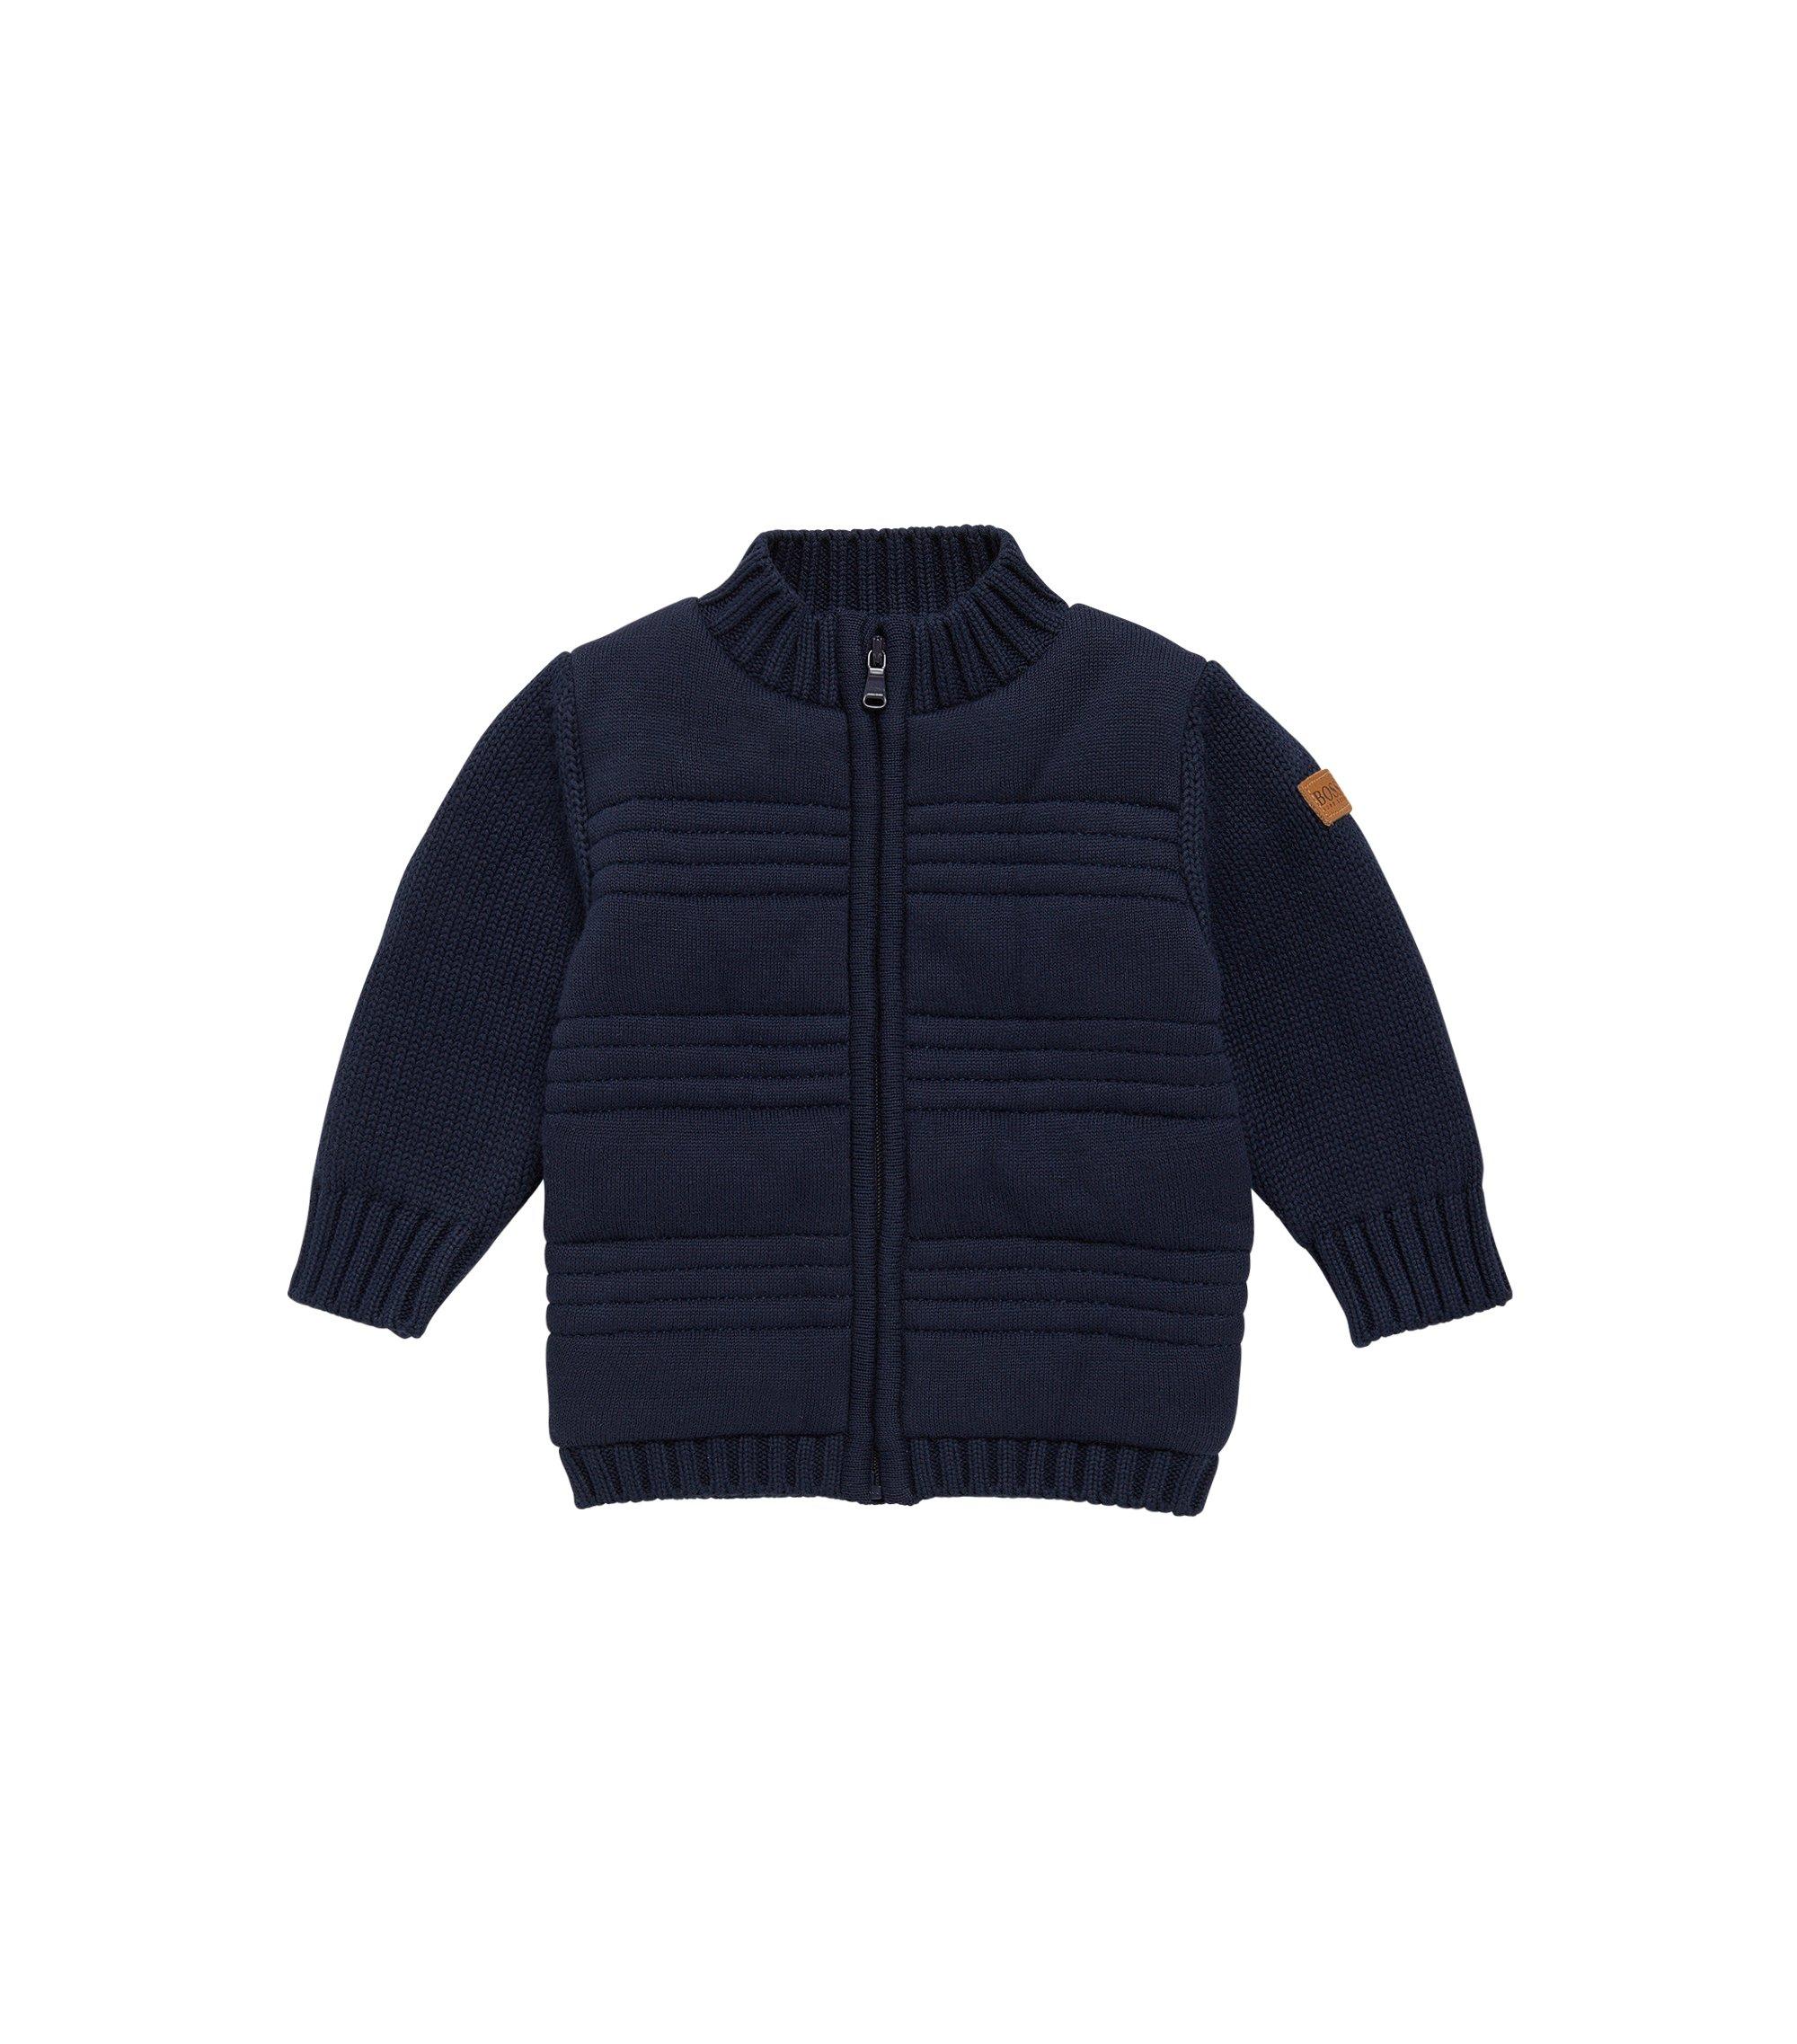 'J05522' | Toddler Stretch Cotton Blend Zip Cardigan, Dark Blue